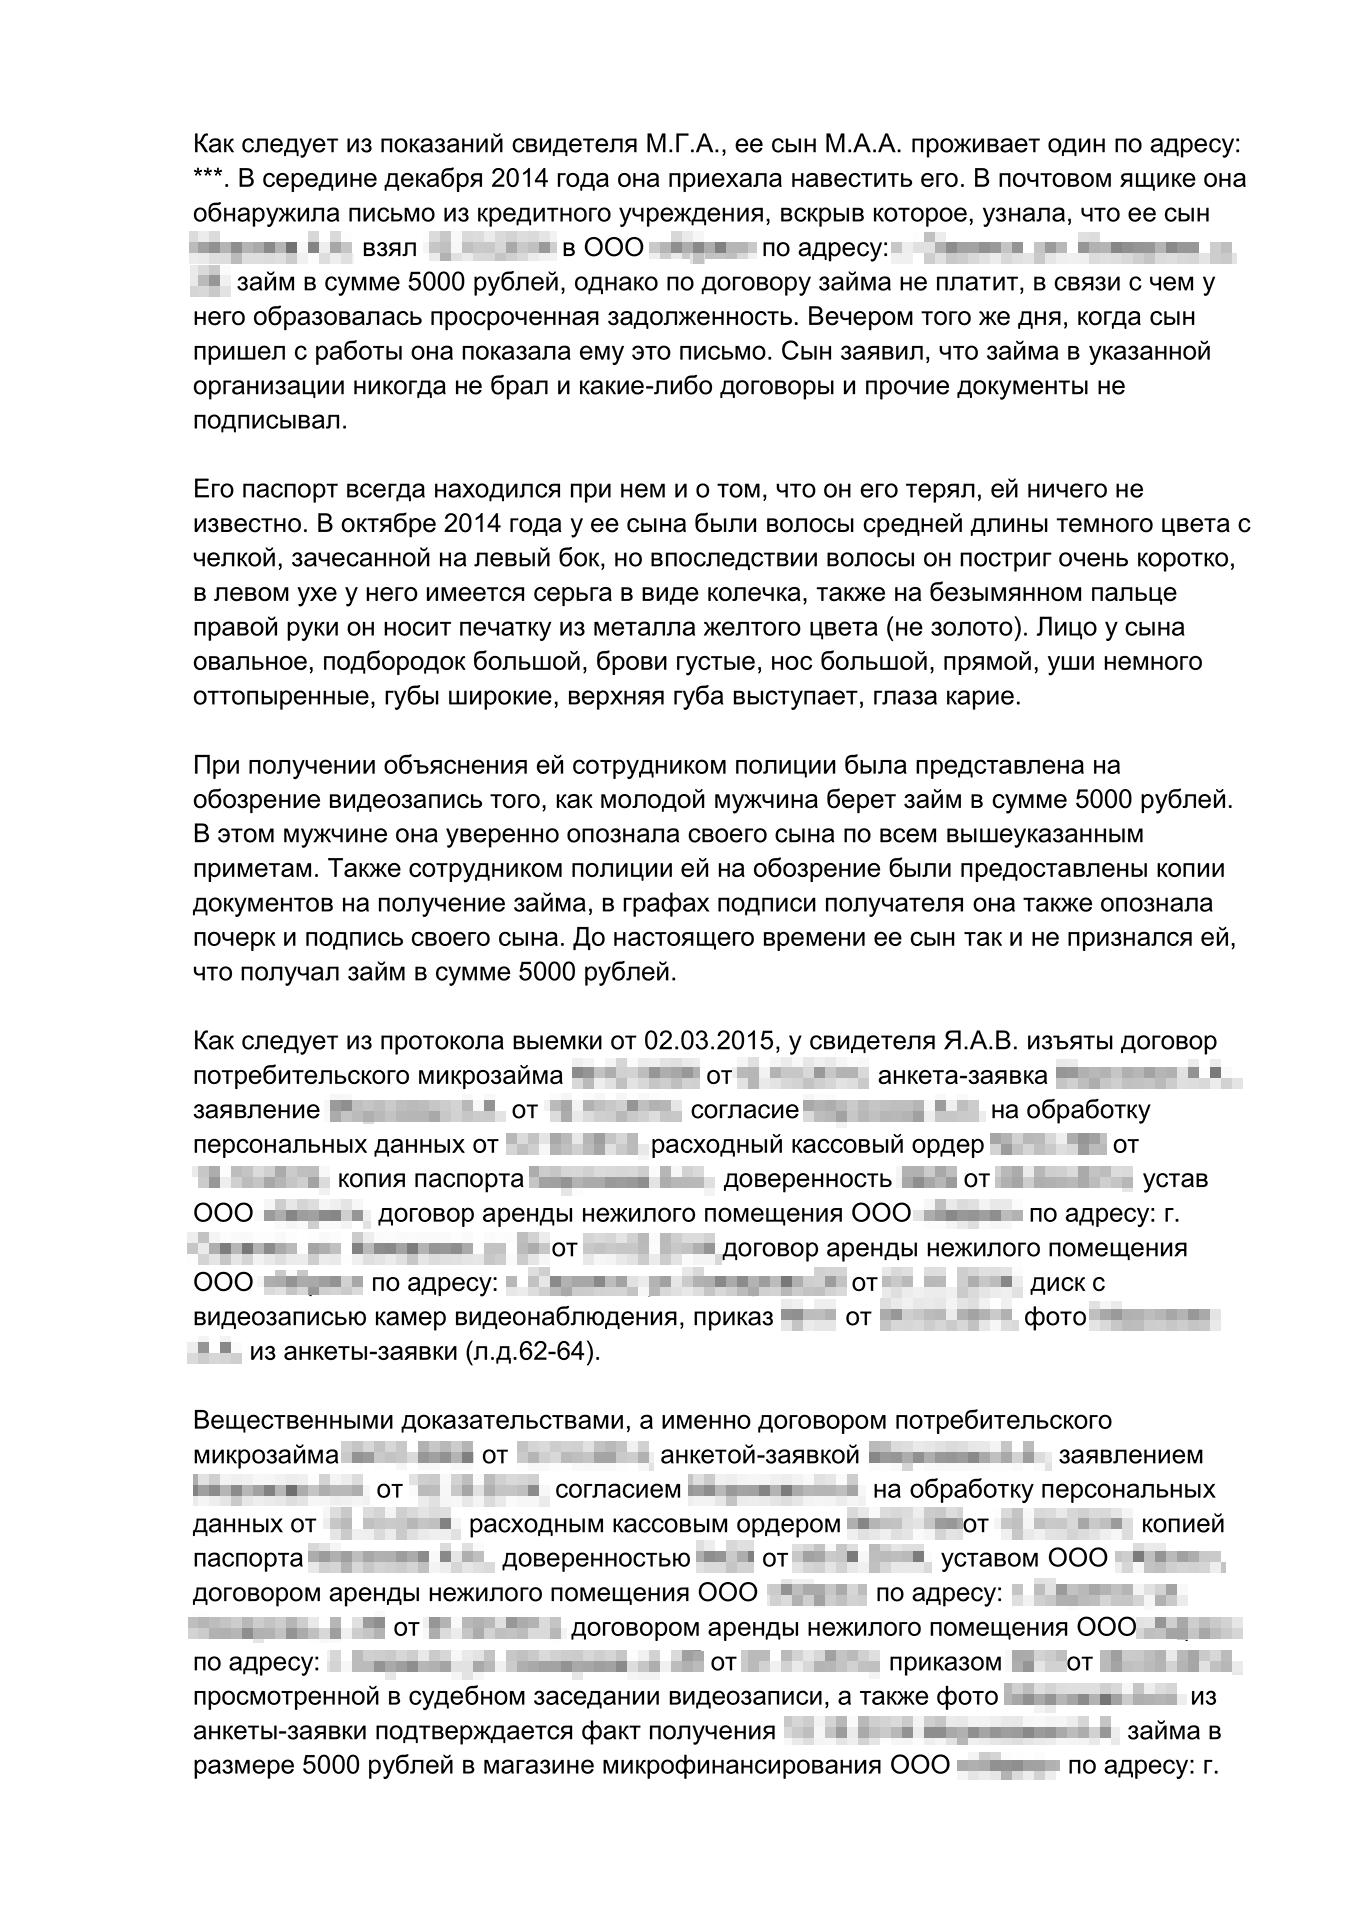 Уголовный приговор должнику, который наврал, что не брал заем